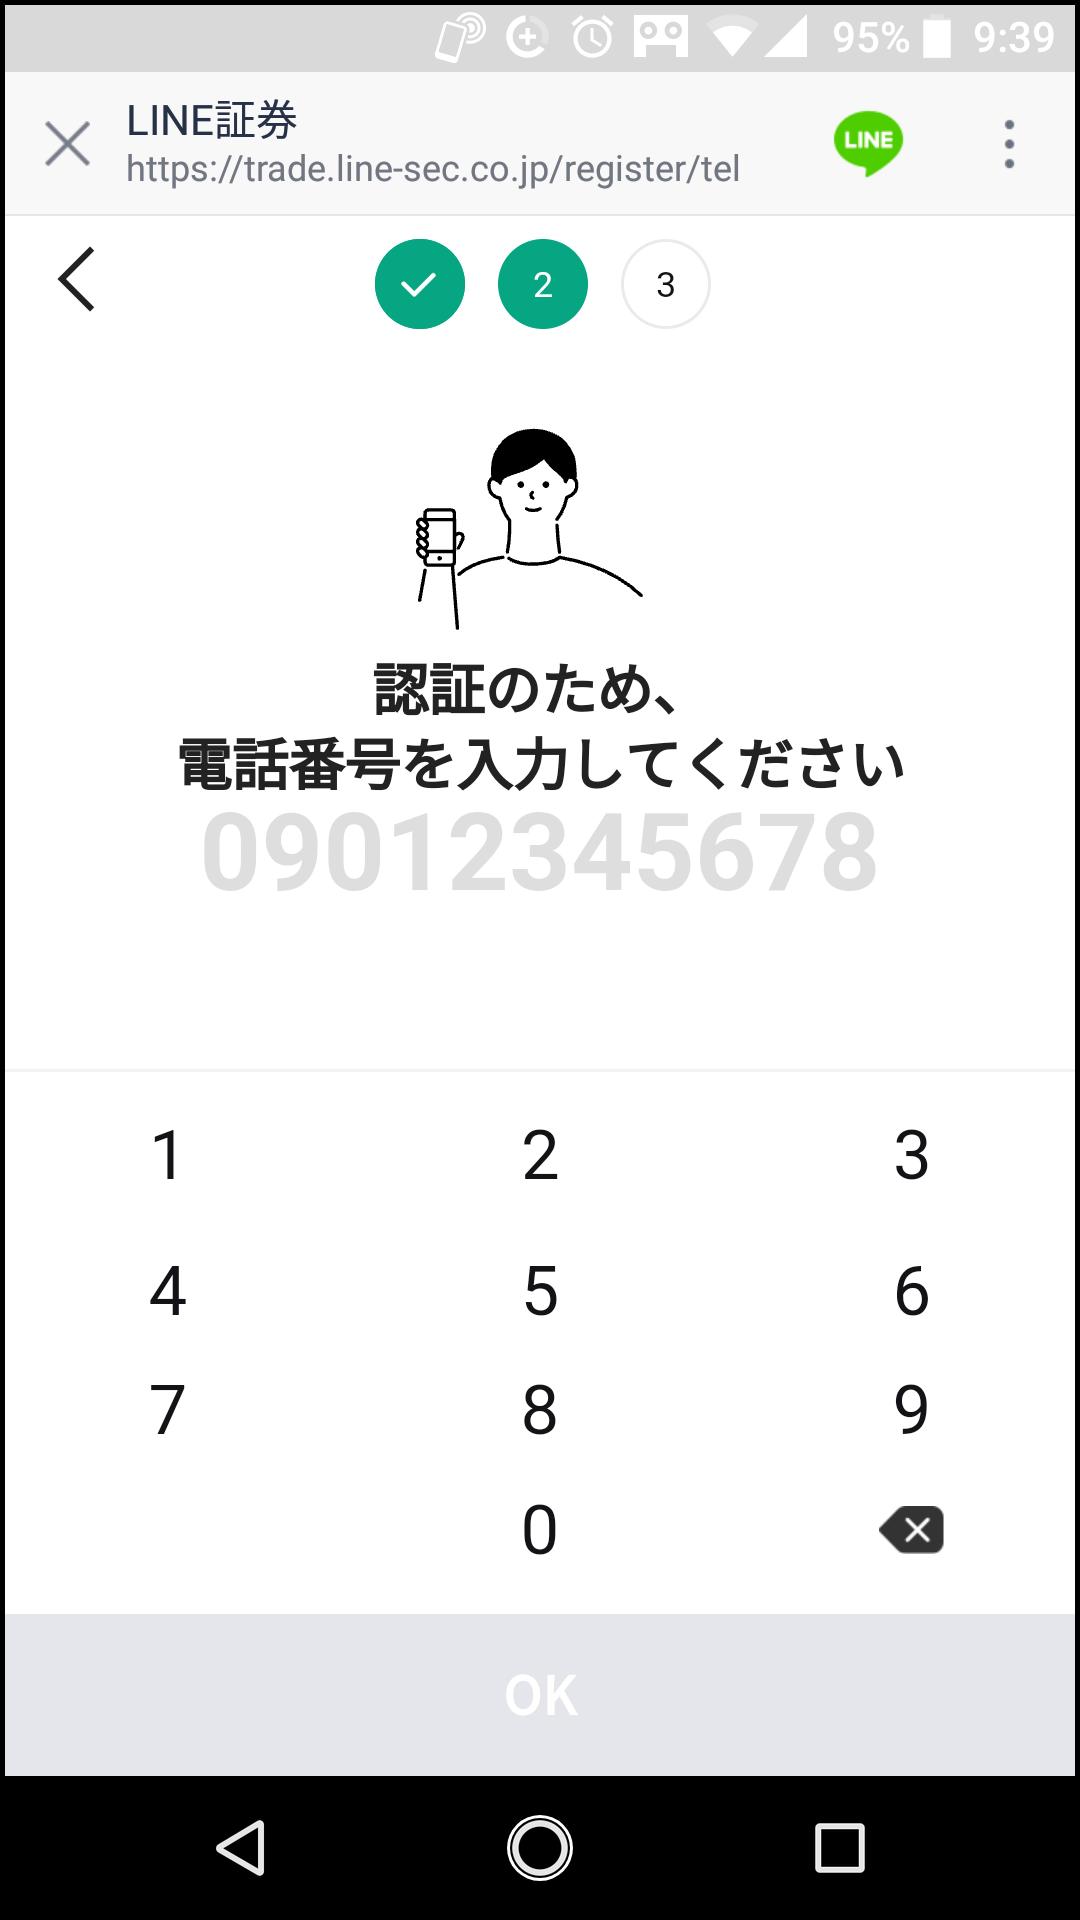 携帯番号入力画面